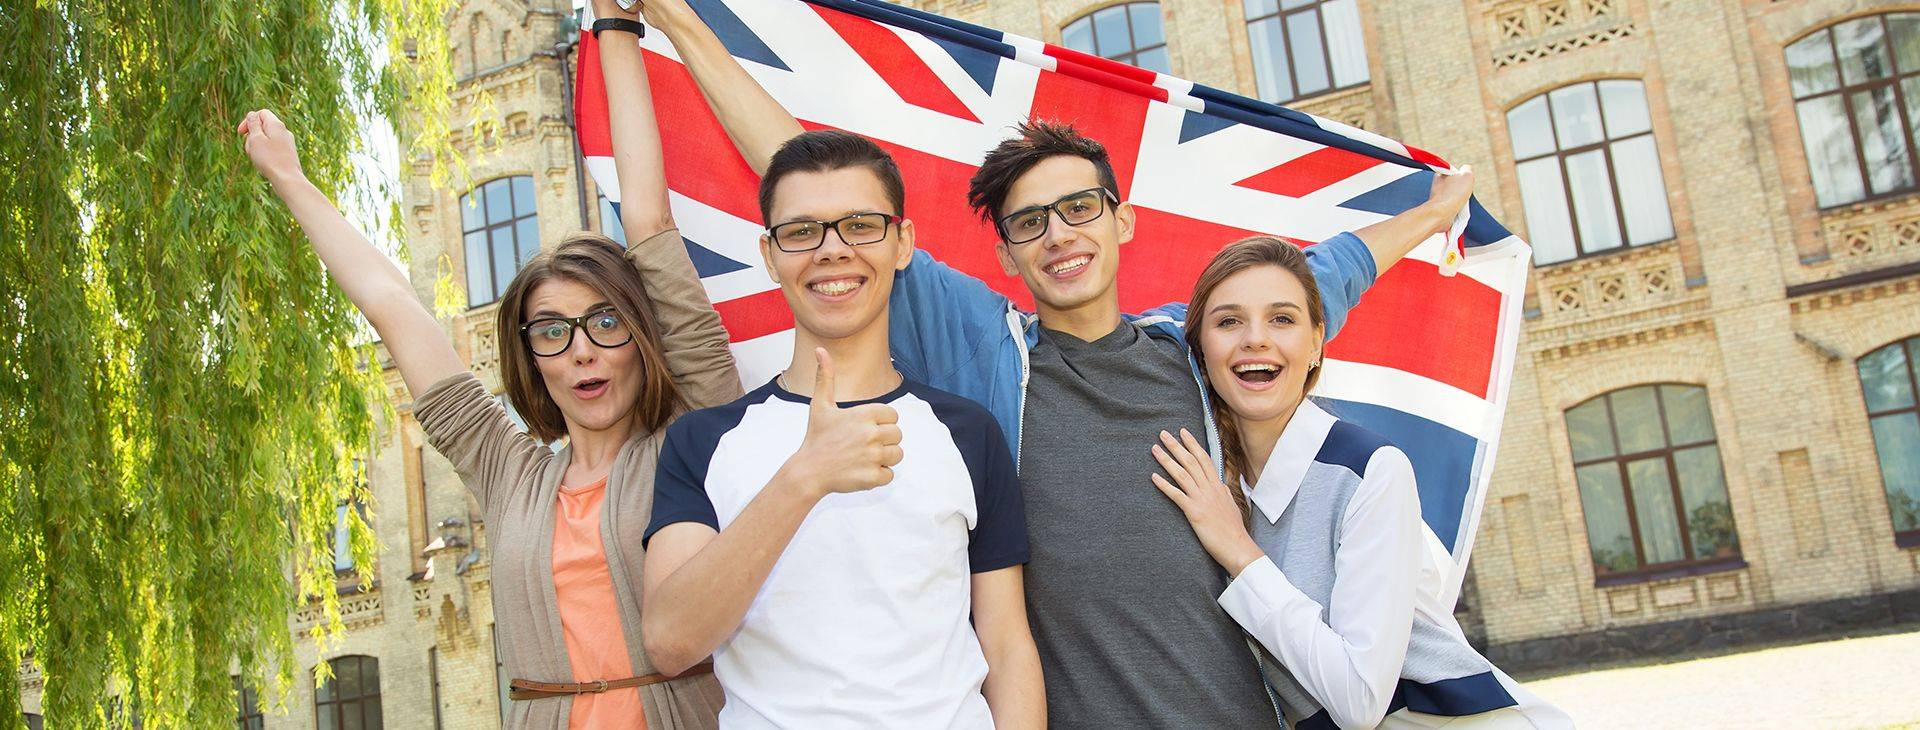 Групповая программа на 2021 год - английские школы в англии: на родину языка